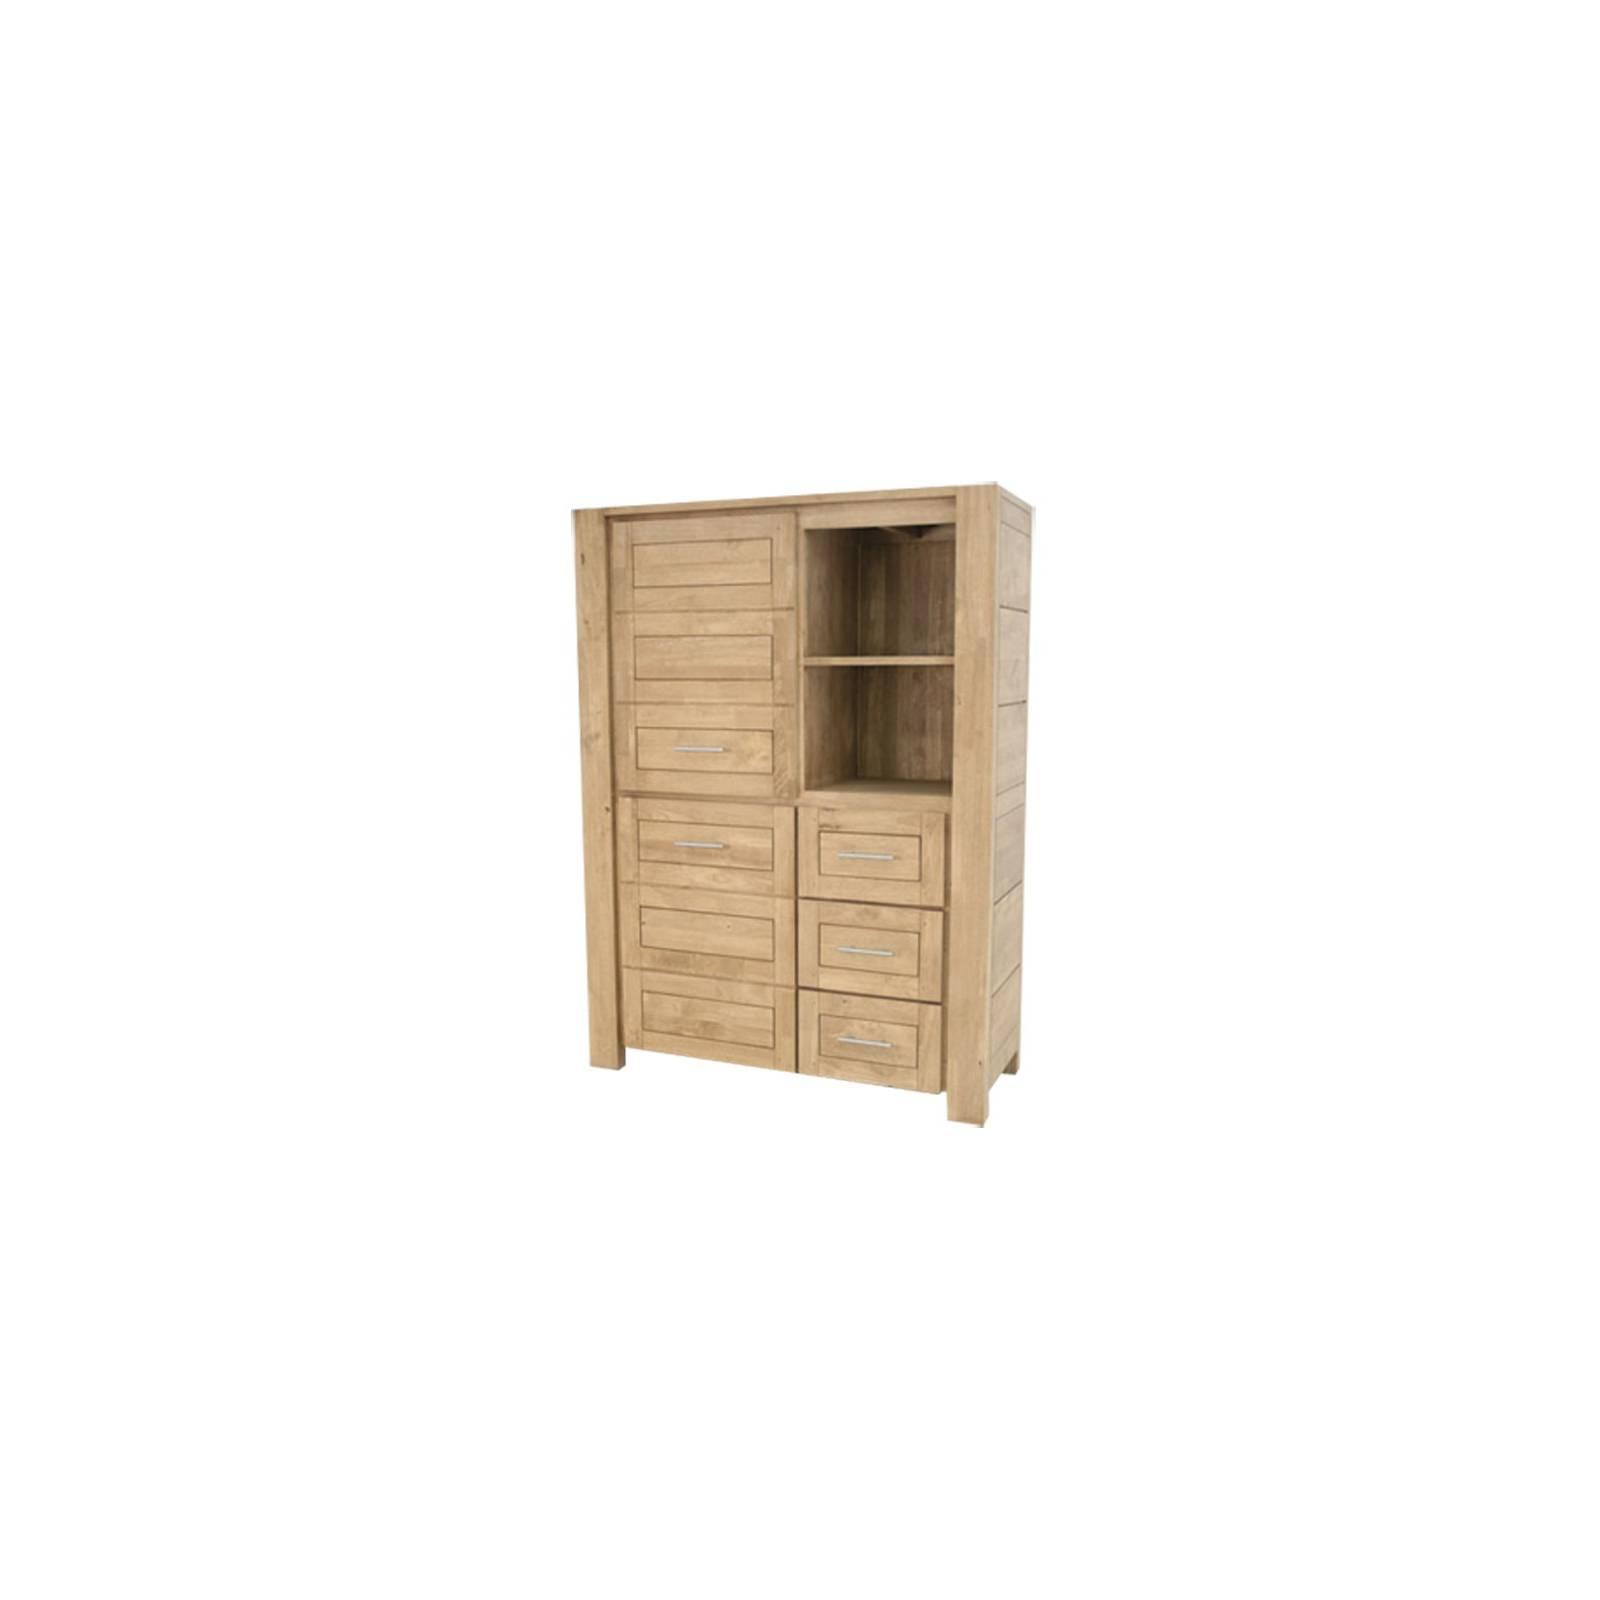 Meuble De Rangement Moka Hévéa - achat meubles